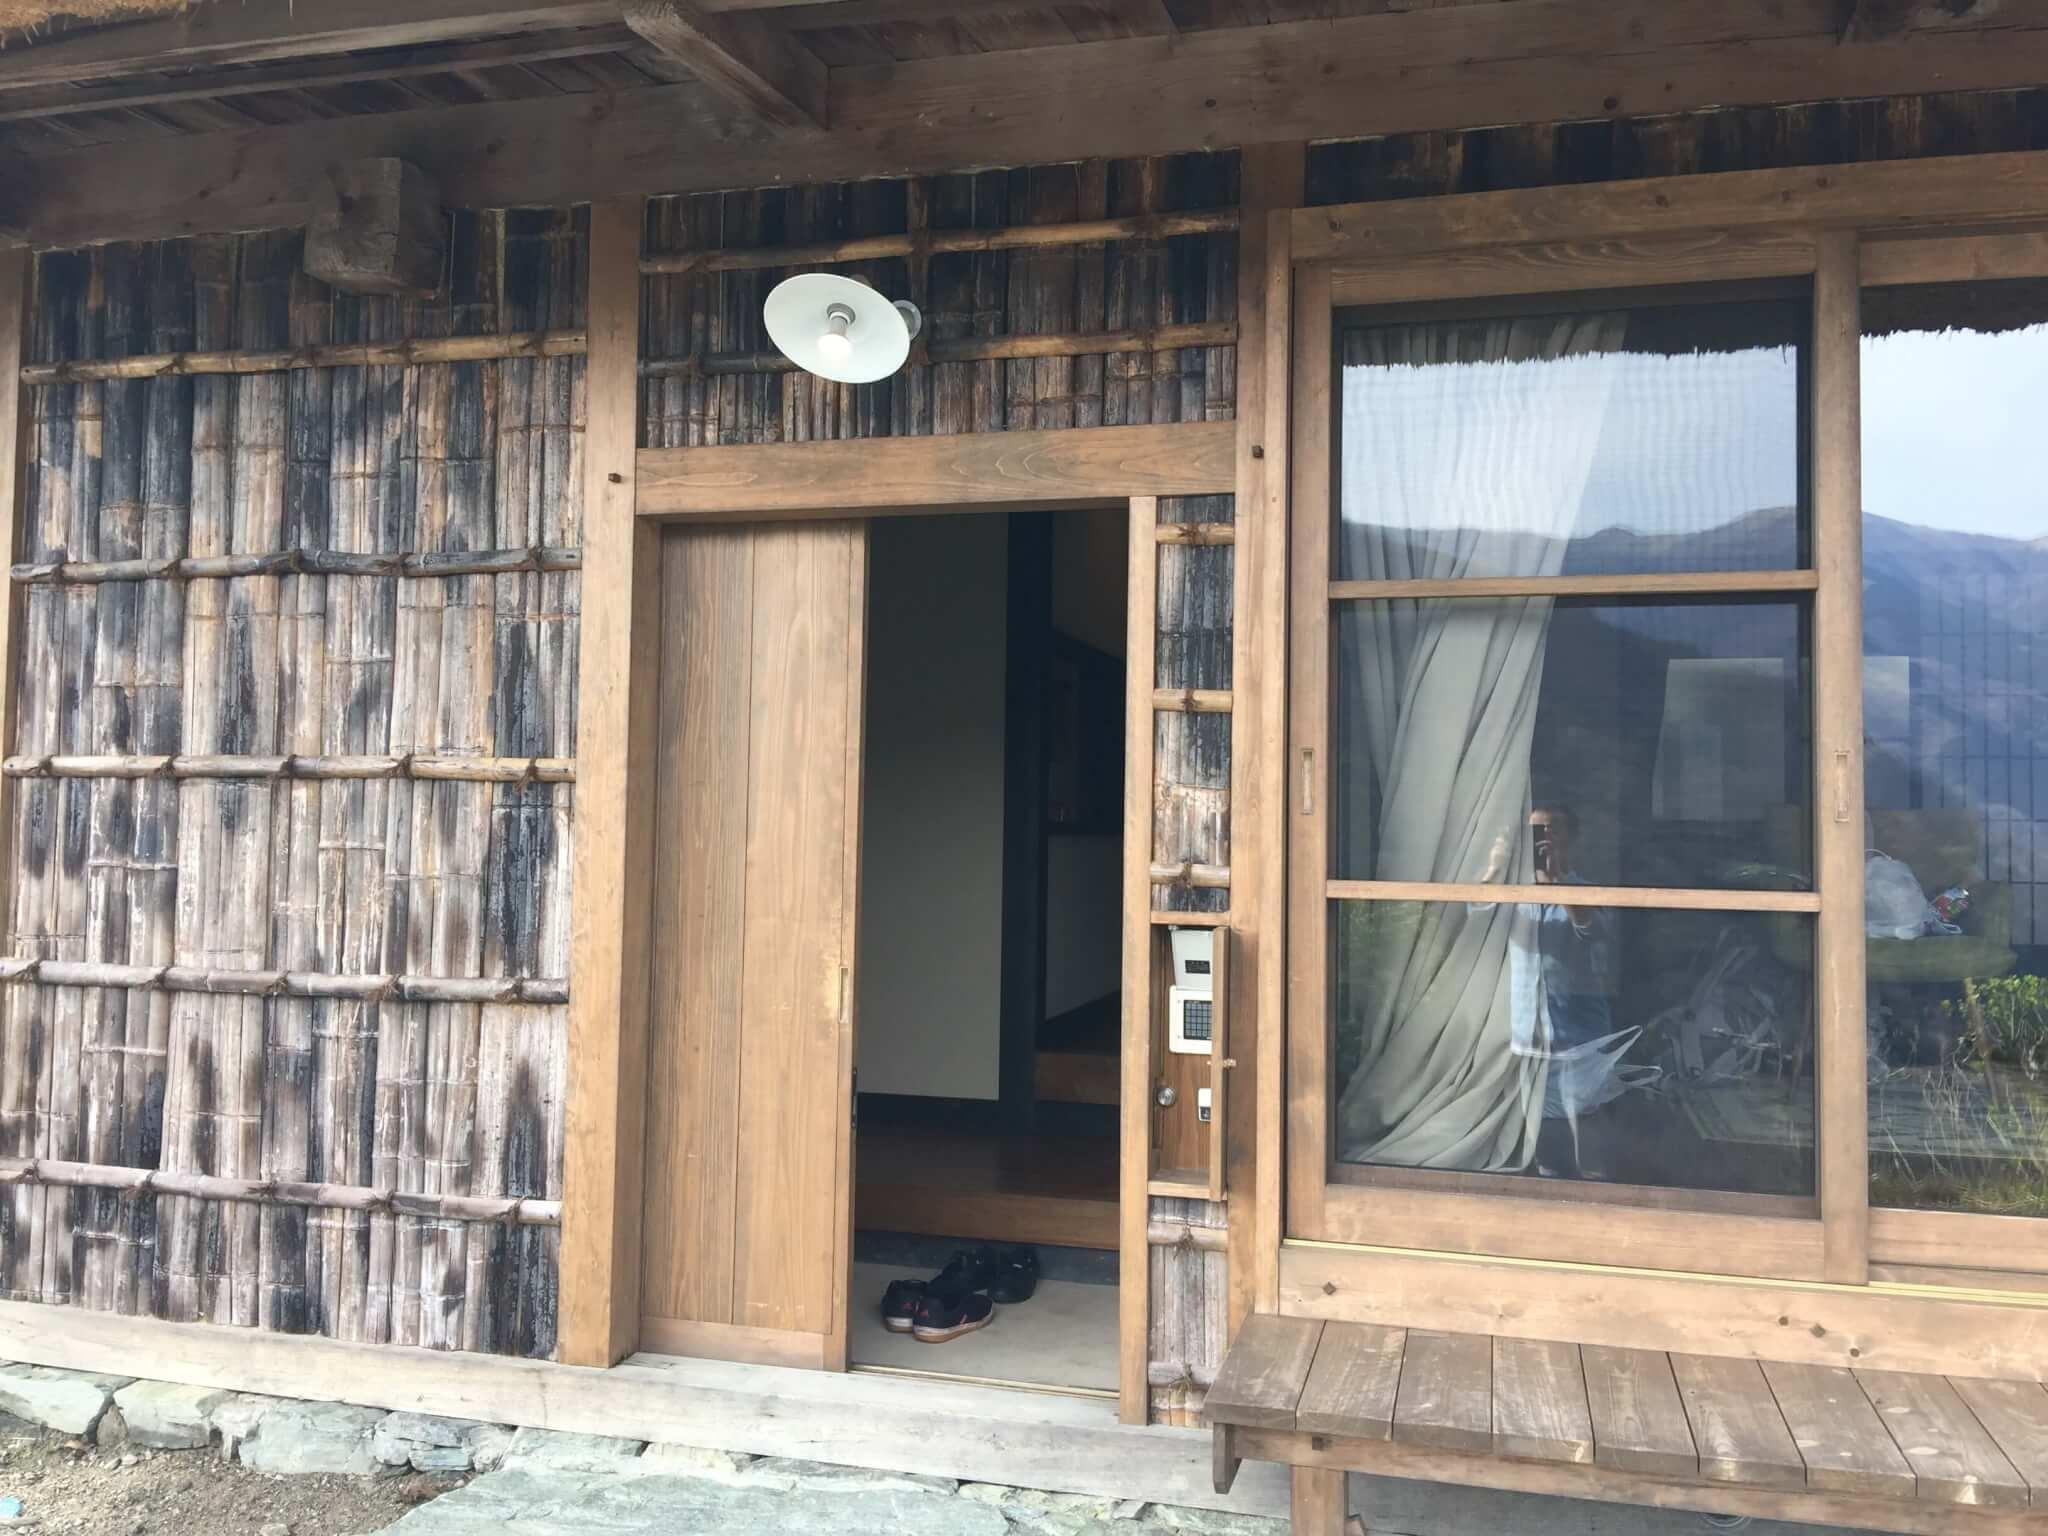 徳島・桃源郷祖谷の山里の天一方の入り口